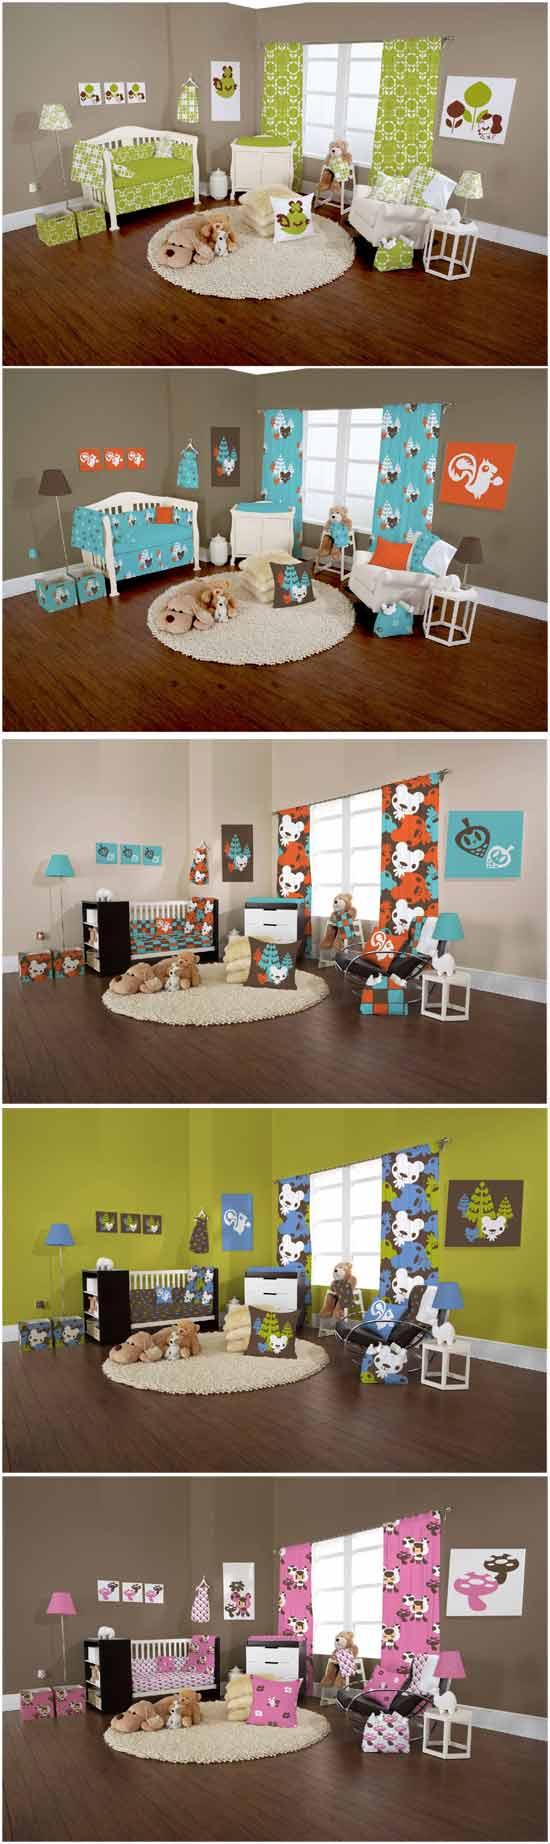 идея бизнеса для собственного дизайна комнаты: Ресурс, позволяющий создать дизайн комнаты своей мечты